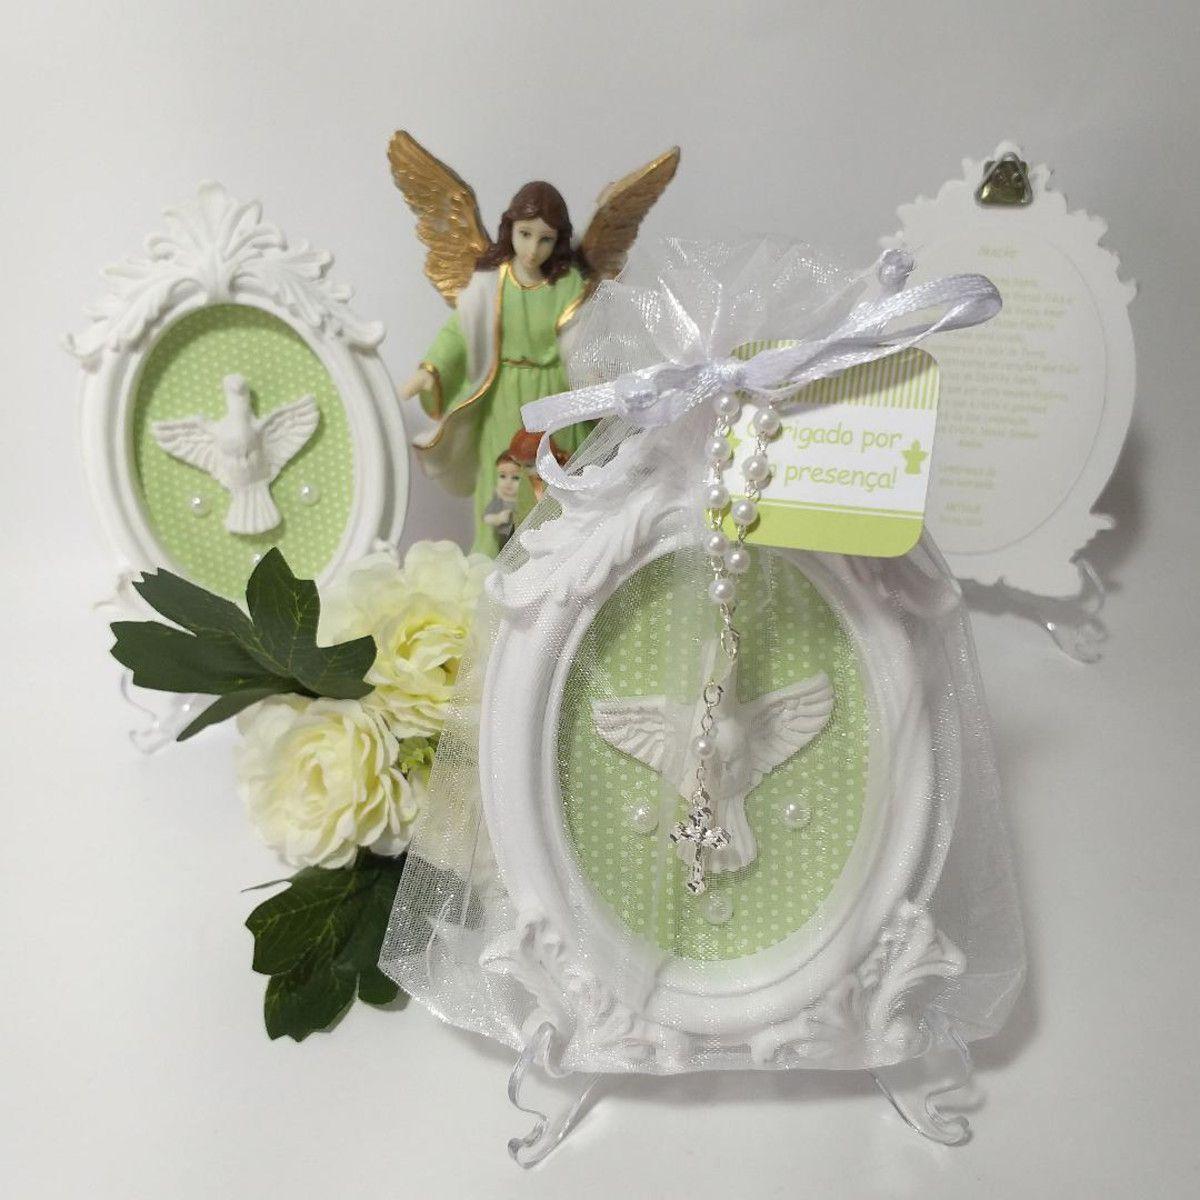 Quadro Lembrança Personalizada com Embalagem de Organza Batizado Personalizado Pronta Entrega